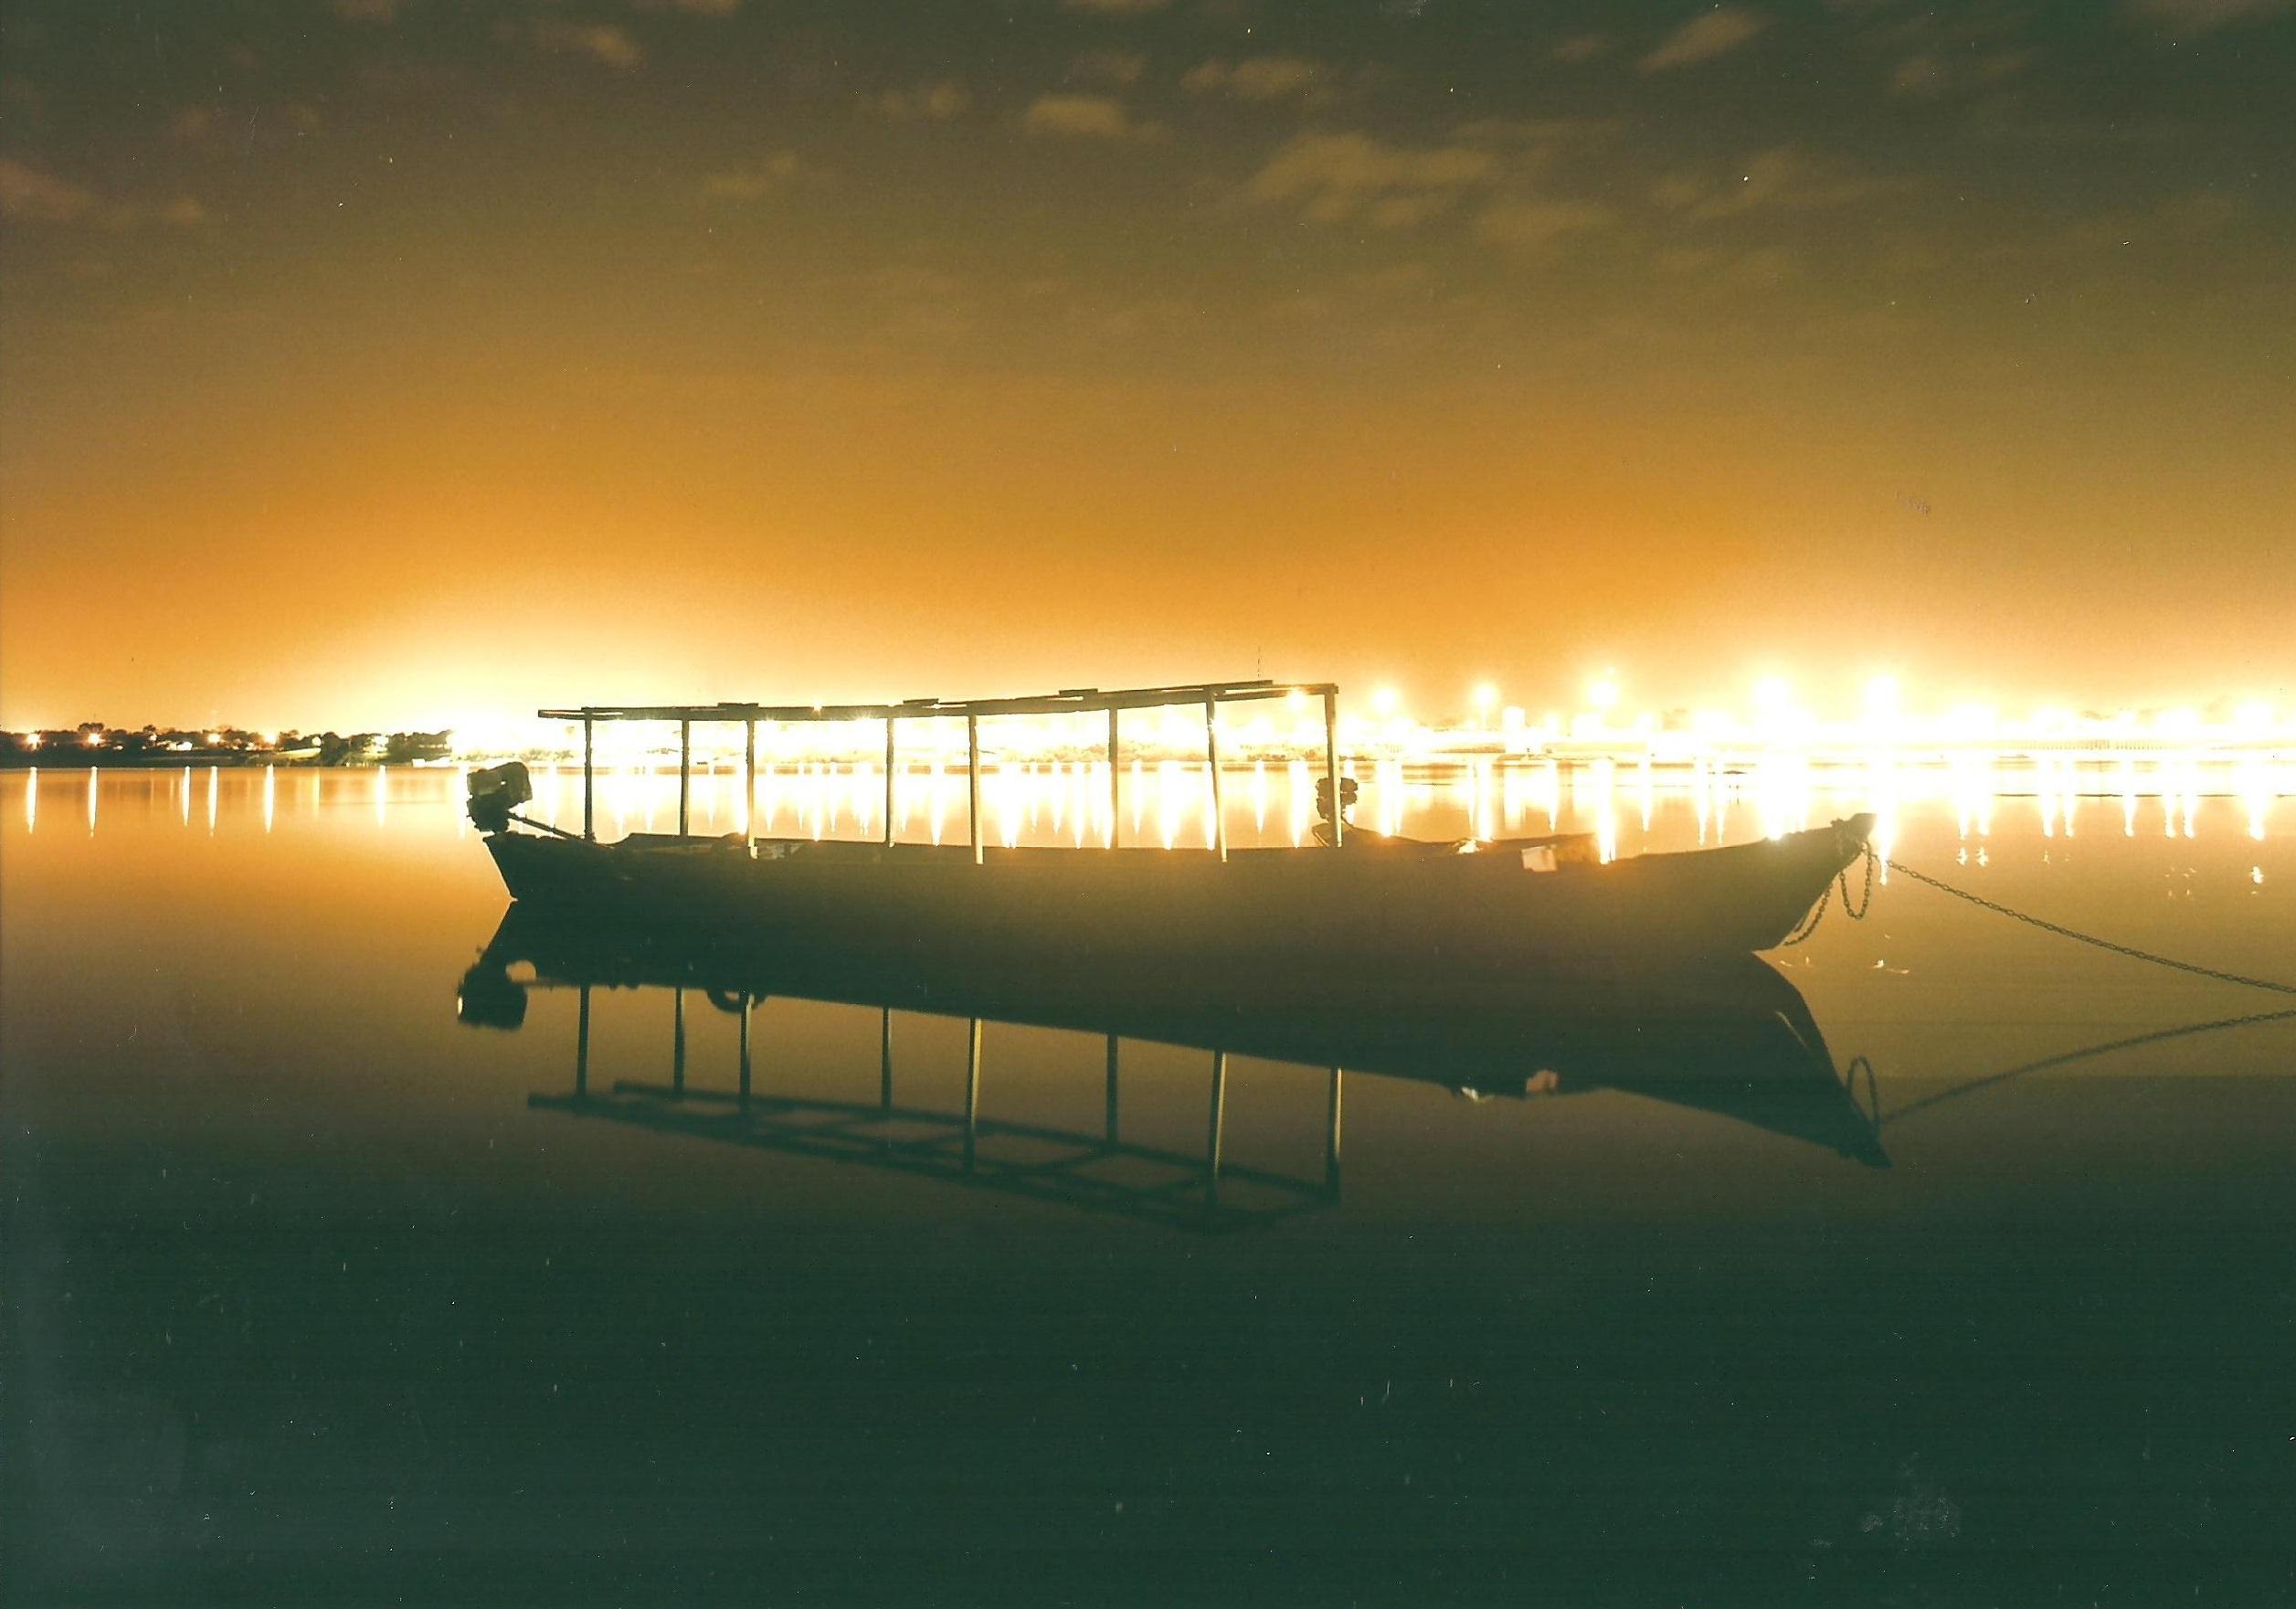 2016_VII_3.1_barcos abandonados_Lucas Souza